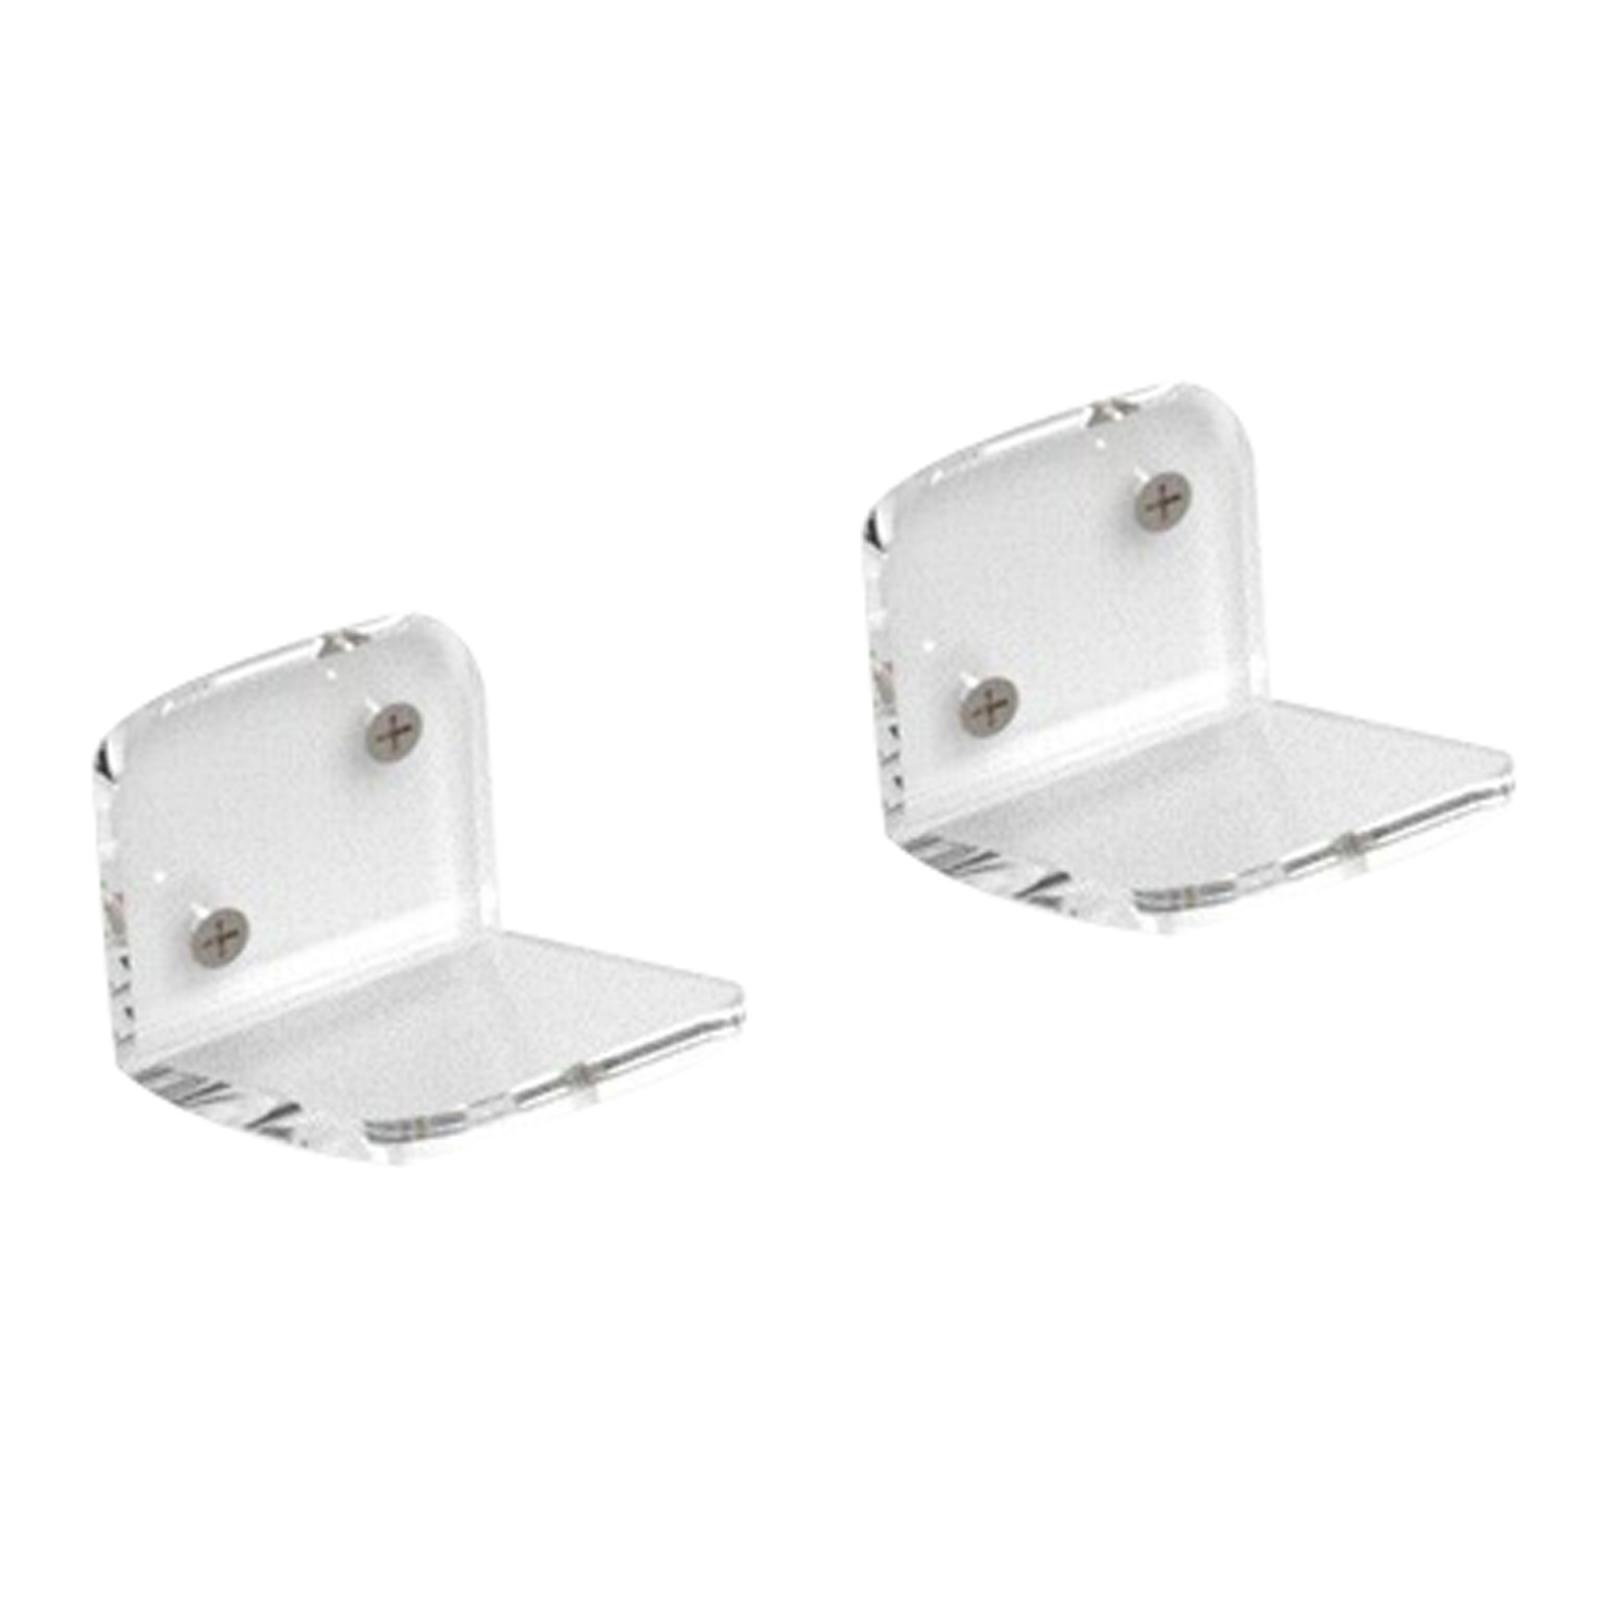 Espositore-appendiabiti-per-montaggio-a-parete-per-Skateboard-in-acrilico miniatura 8